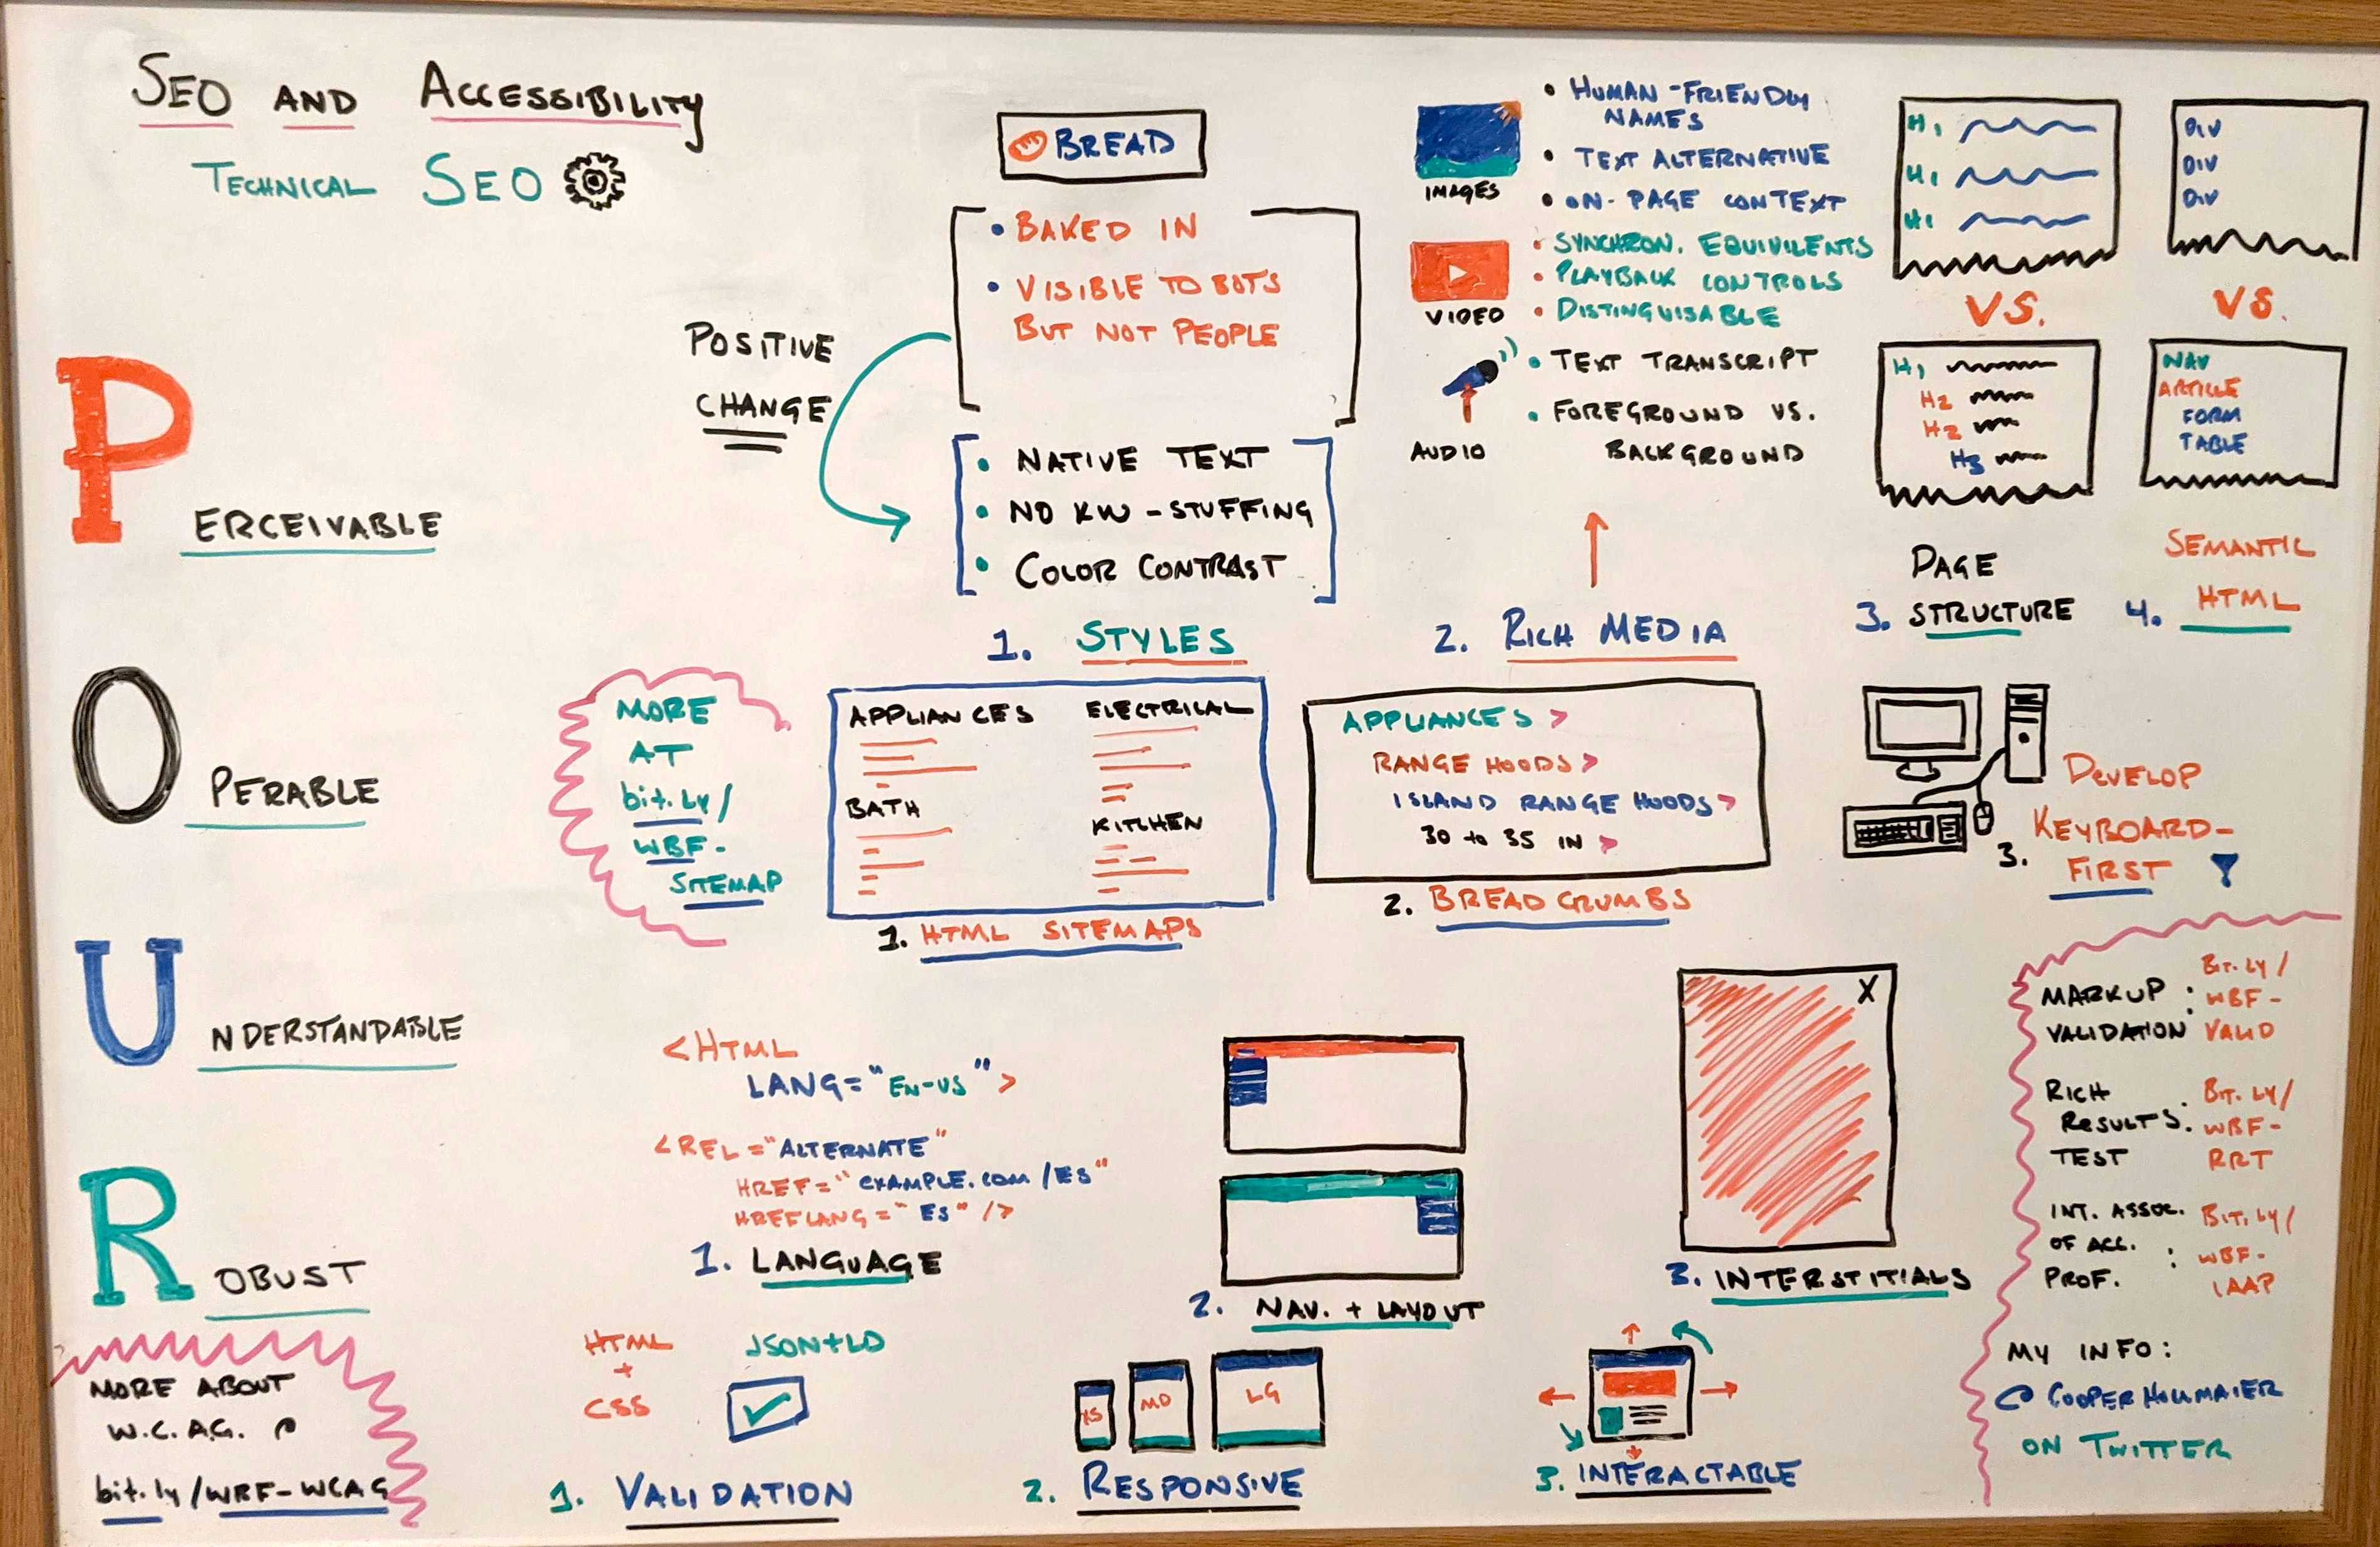 Фотография доски с рукописными заметками о том, как технические специалисты по поисковой оптимизации могут сосредоточиться на доступности .